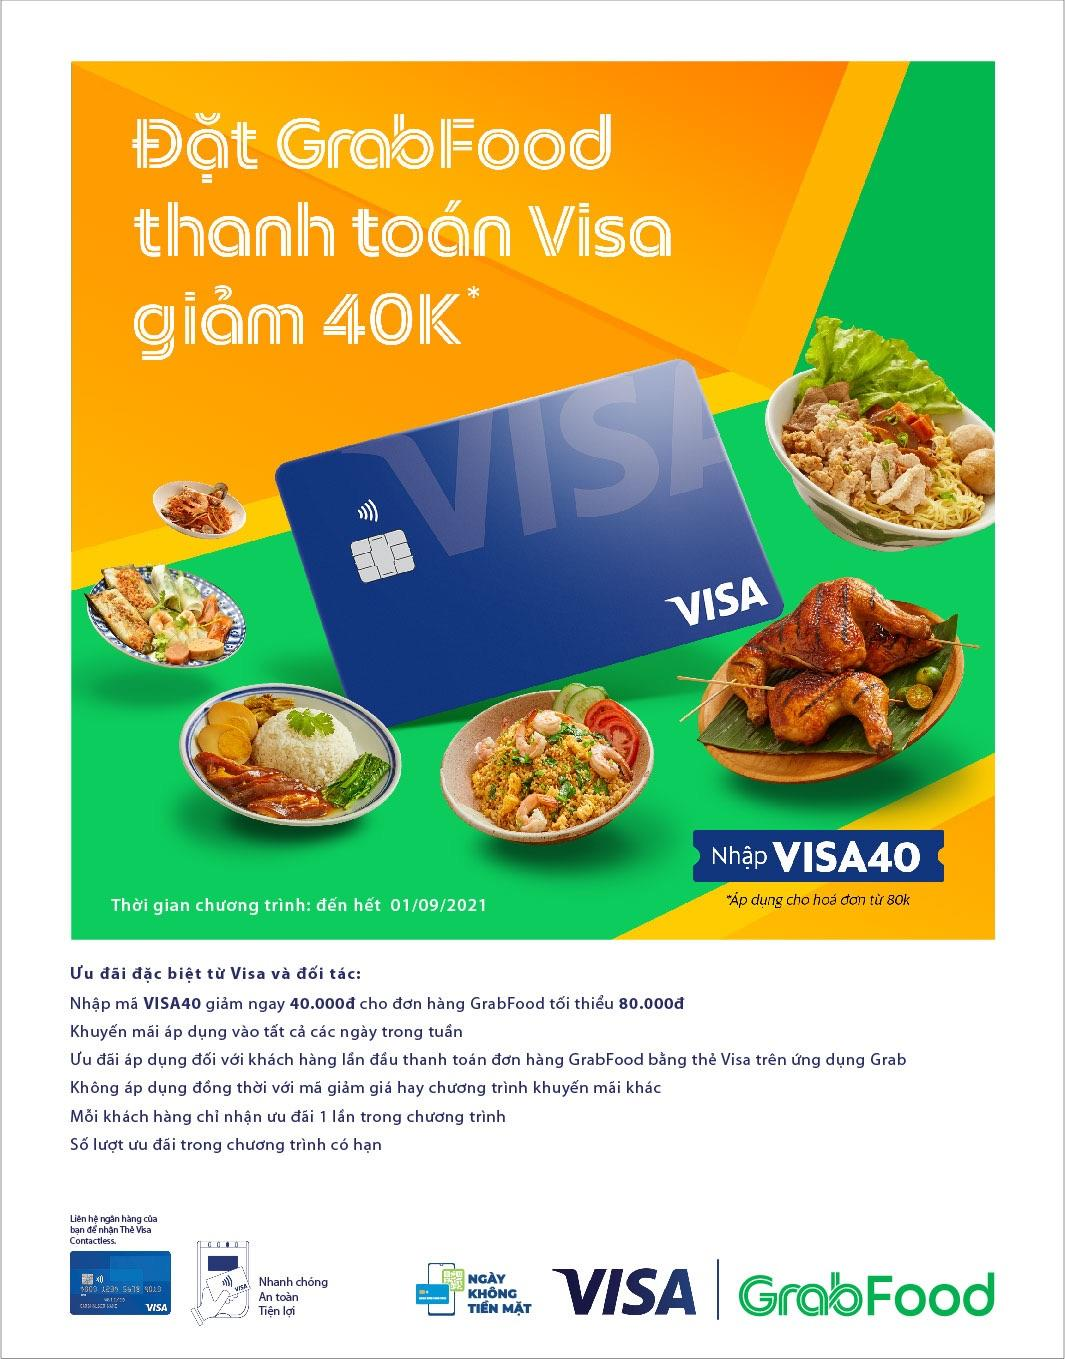 Visa hợp tác cùng Moca thúc đẩy mua sắm trực tuyến và thanh toán số